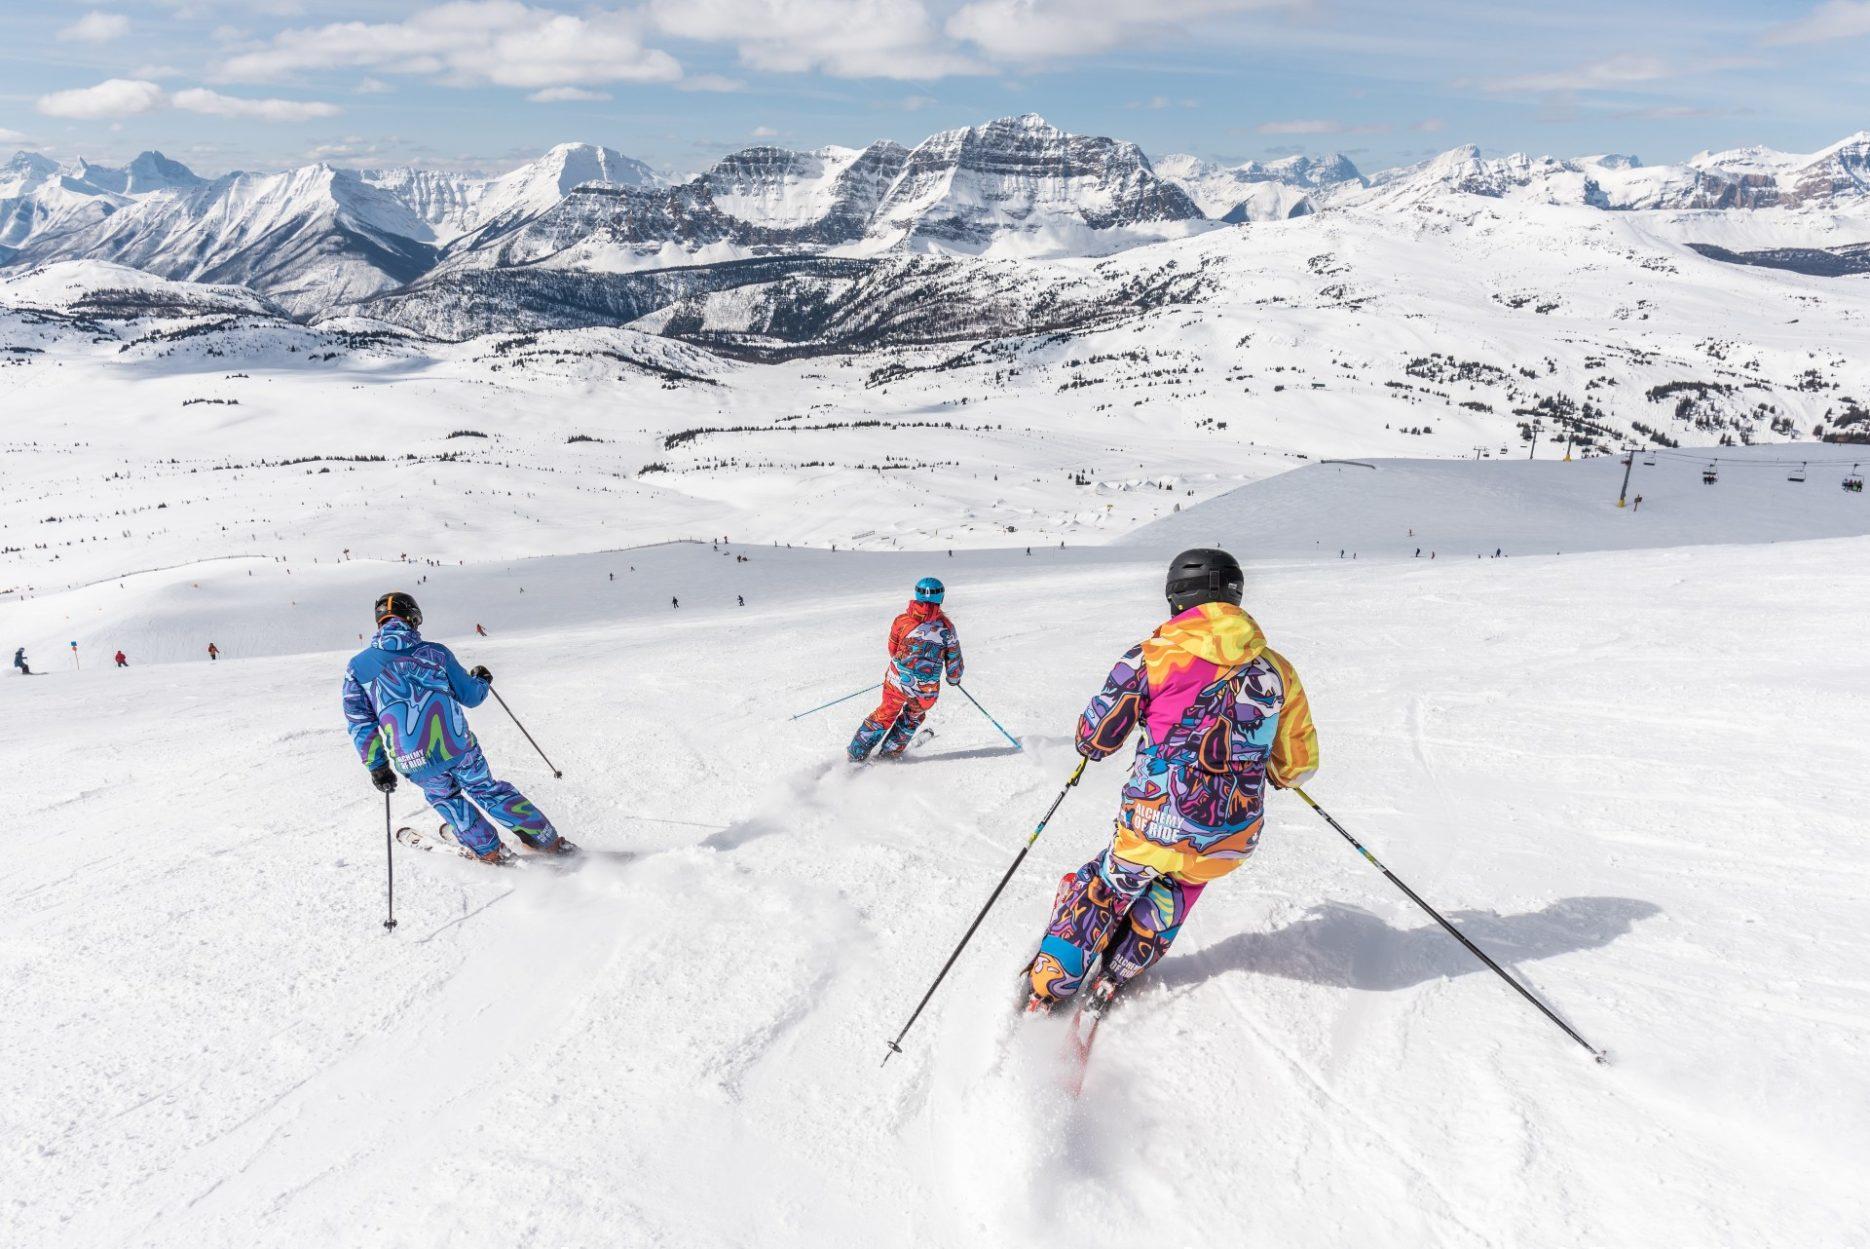 Skiing popular in China. Credit: Unsplash